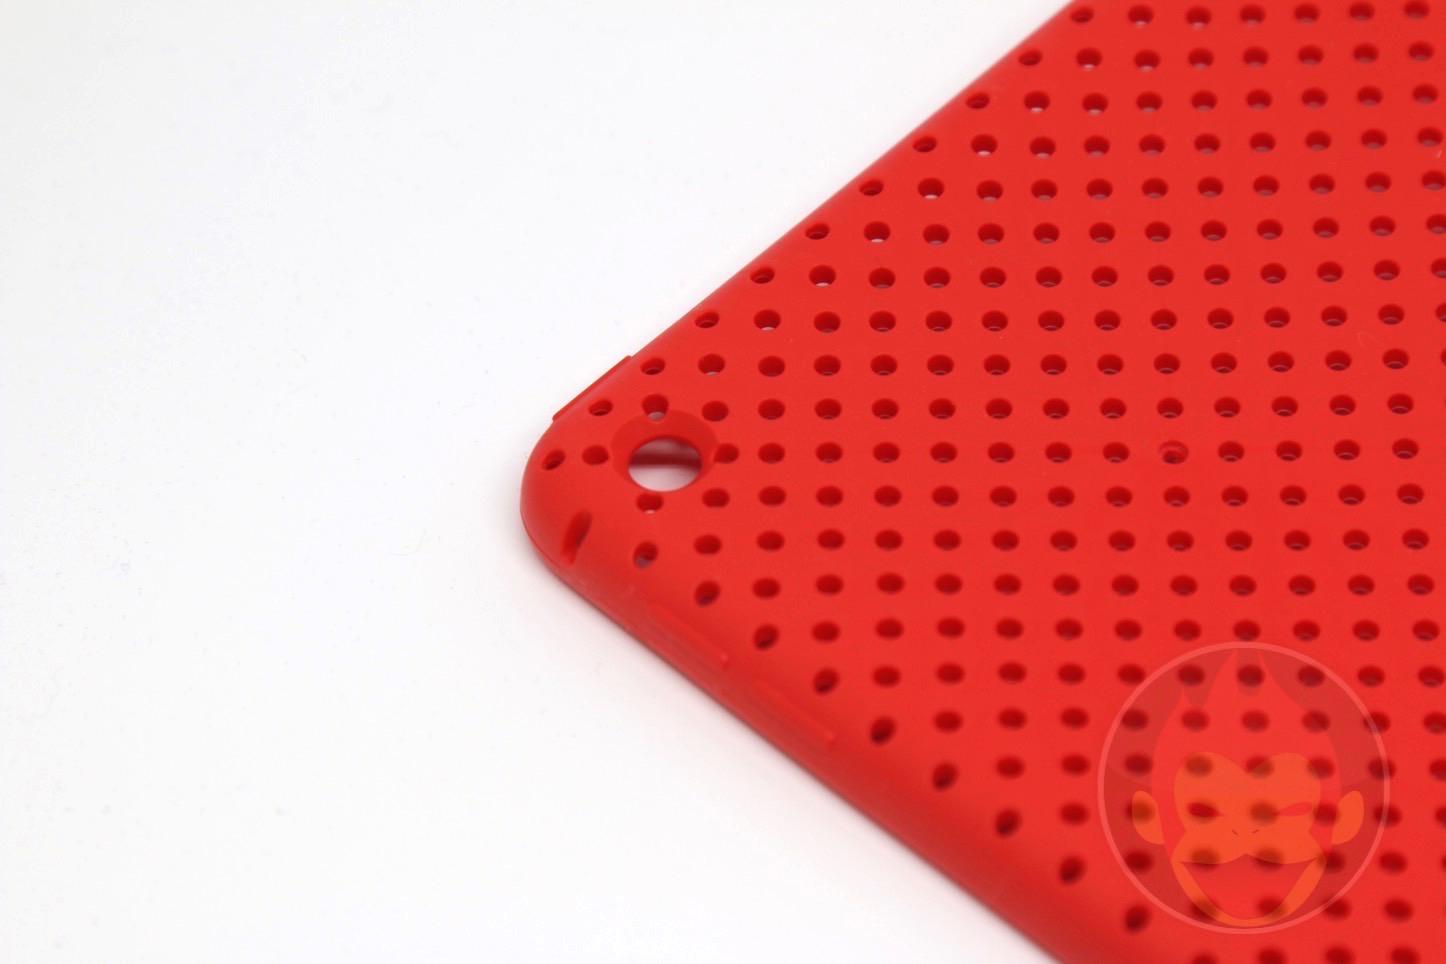 AndMesh-Mesh-Case-for-iPad-Air-2-26.JPG